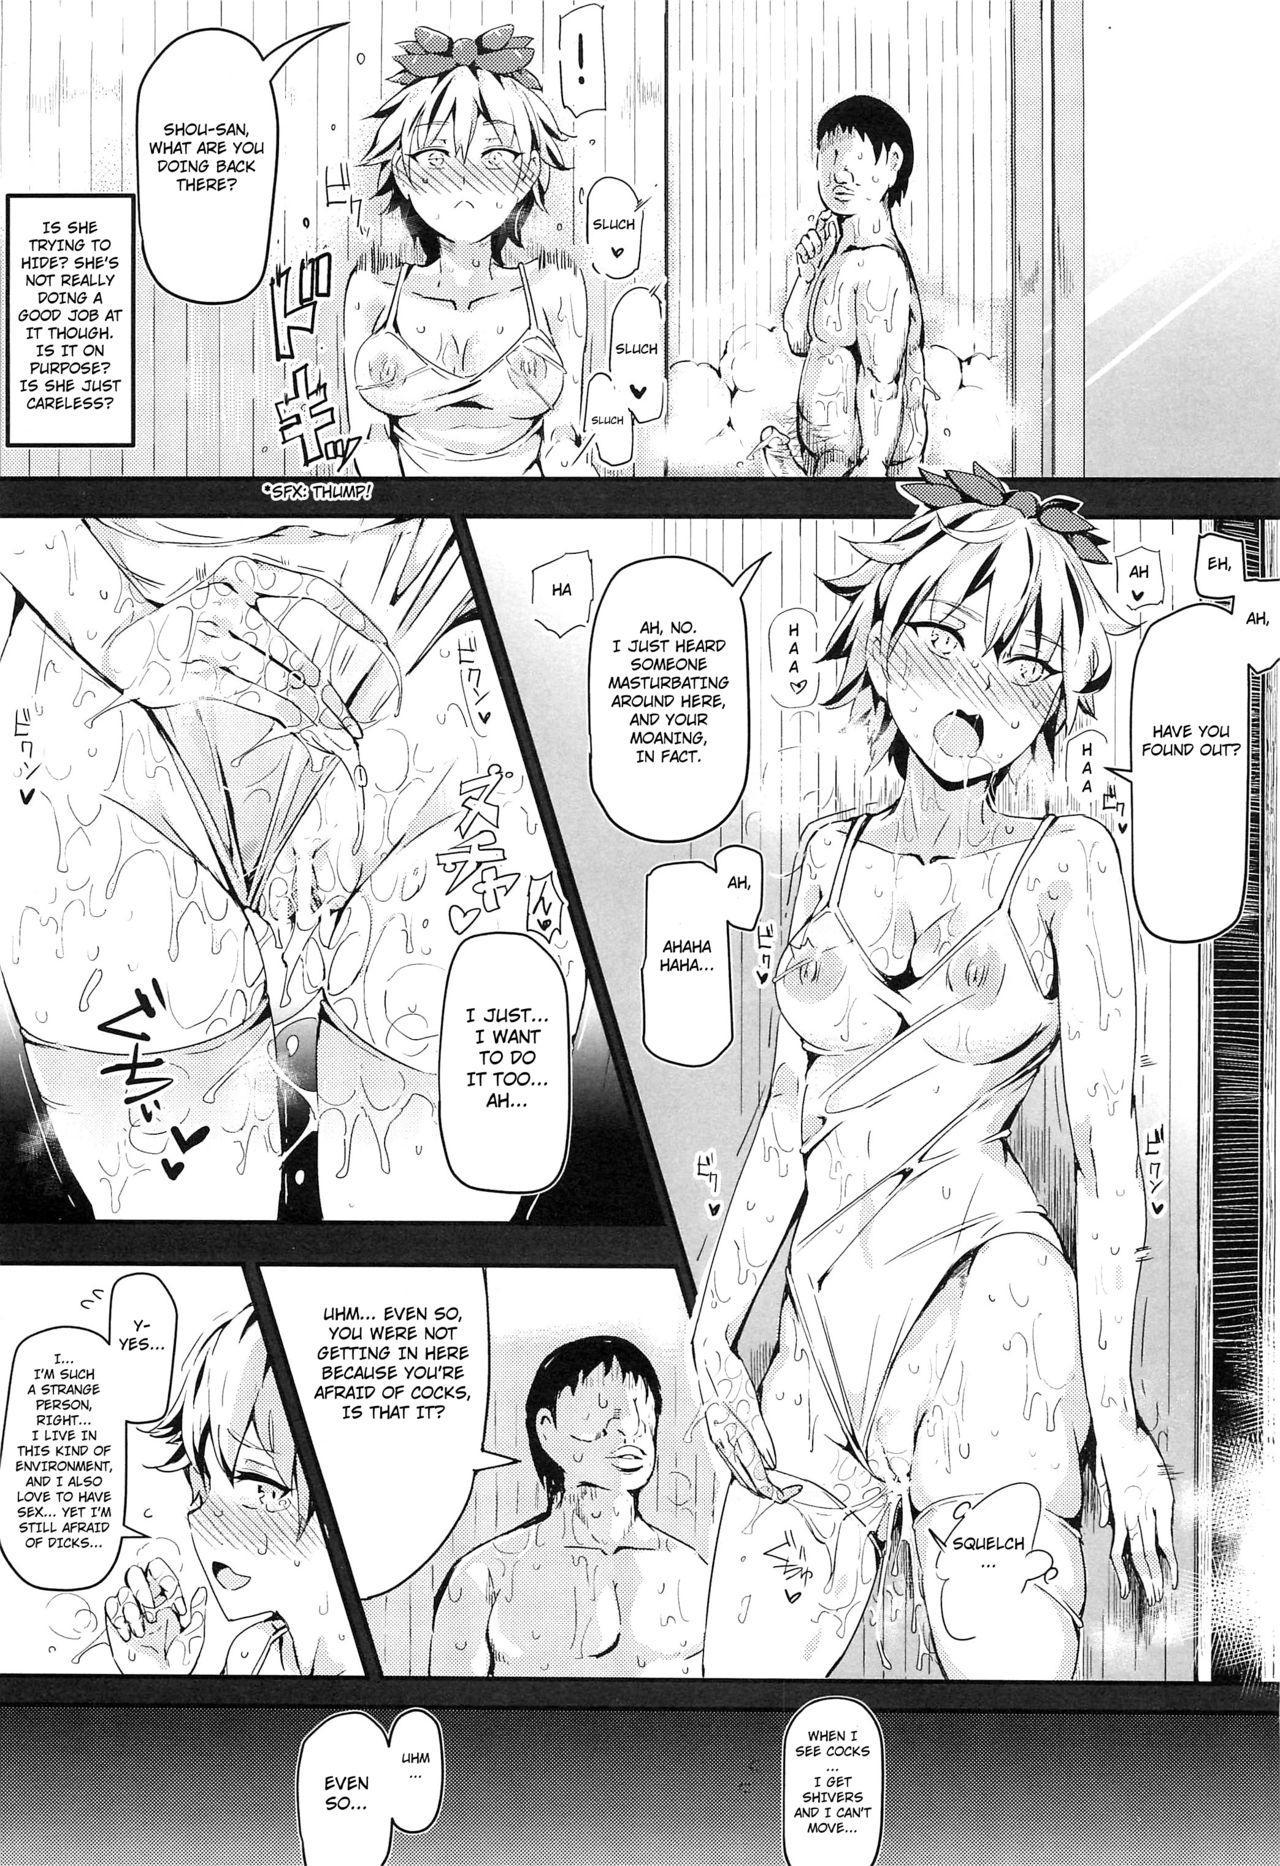 (C88) [Nyuu Koubou (Nyuu)] Oidemase!! Jiyuu Fuuzoku Gensoukyou 2-haku 3-kka no Tabi - Seiren (Touhou Project) [English] [Hong_Mei_Ling] 24